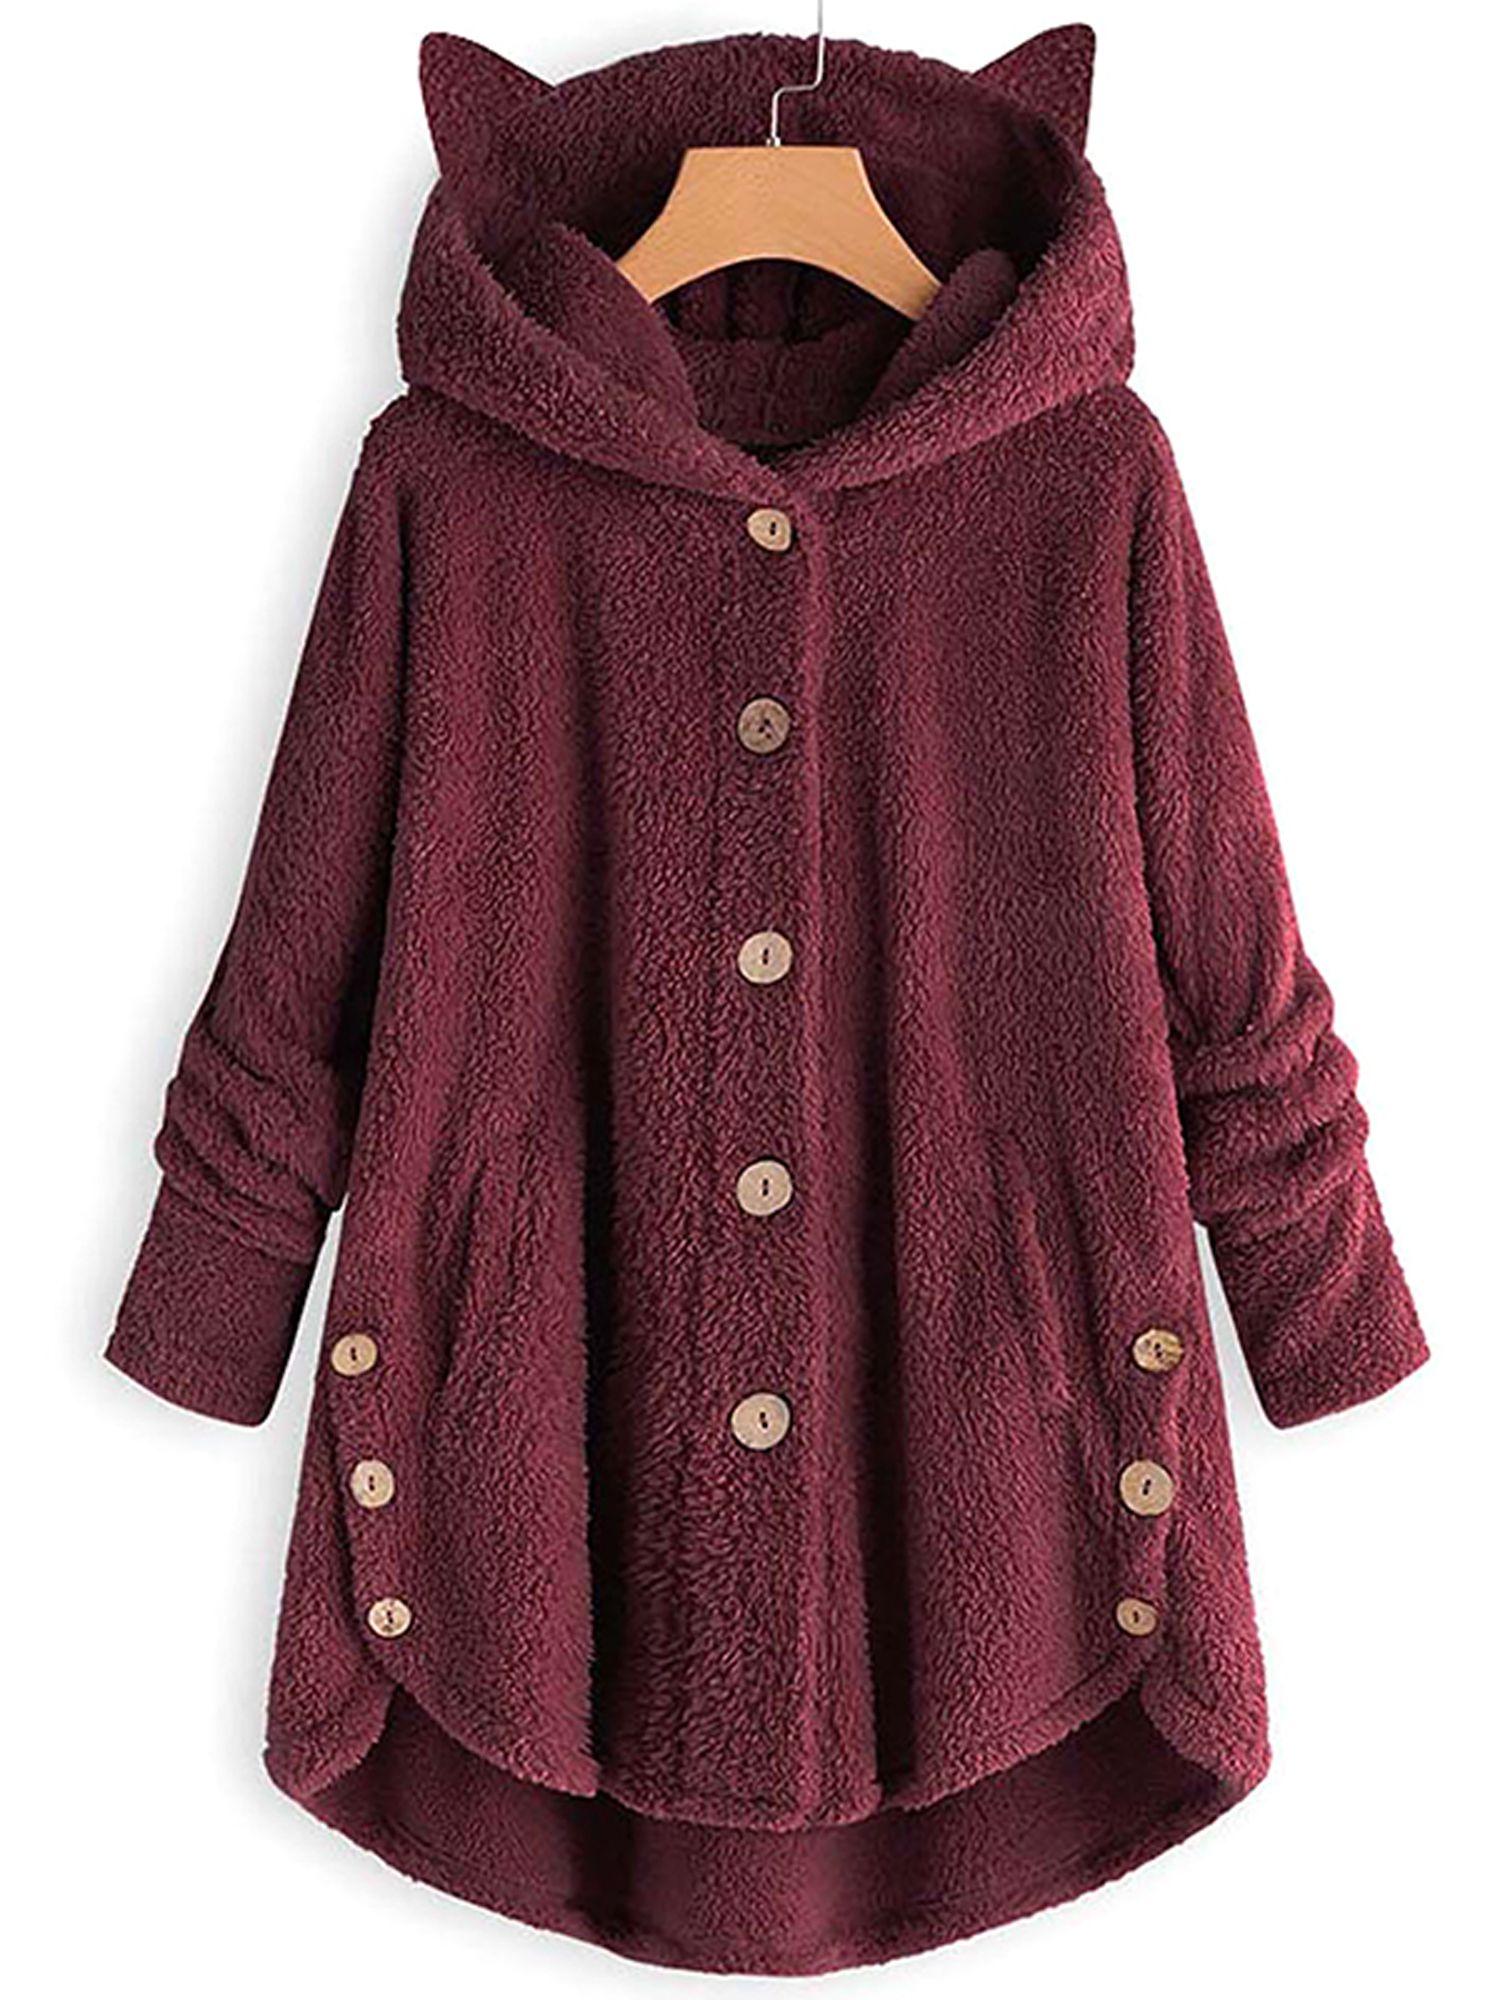 Lallc Women S Casual Faux Fur Hooded Coats Fleece Jackets Plus Size Outerwear Walmart Com Casual Faux Fur Faux Fur Hooded Coat Girls Winter Fashion [ 2000 x 1500 Pixel ]